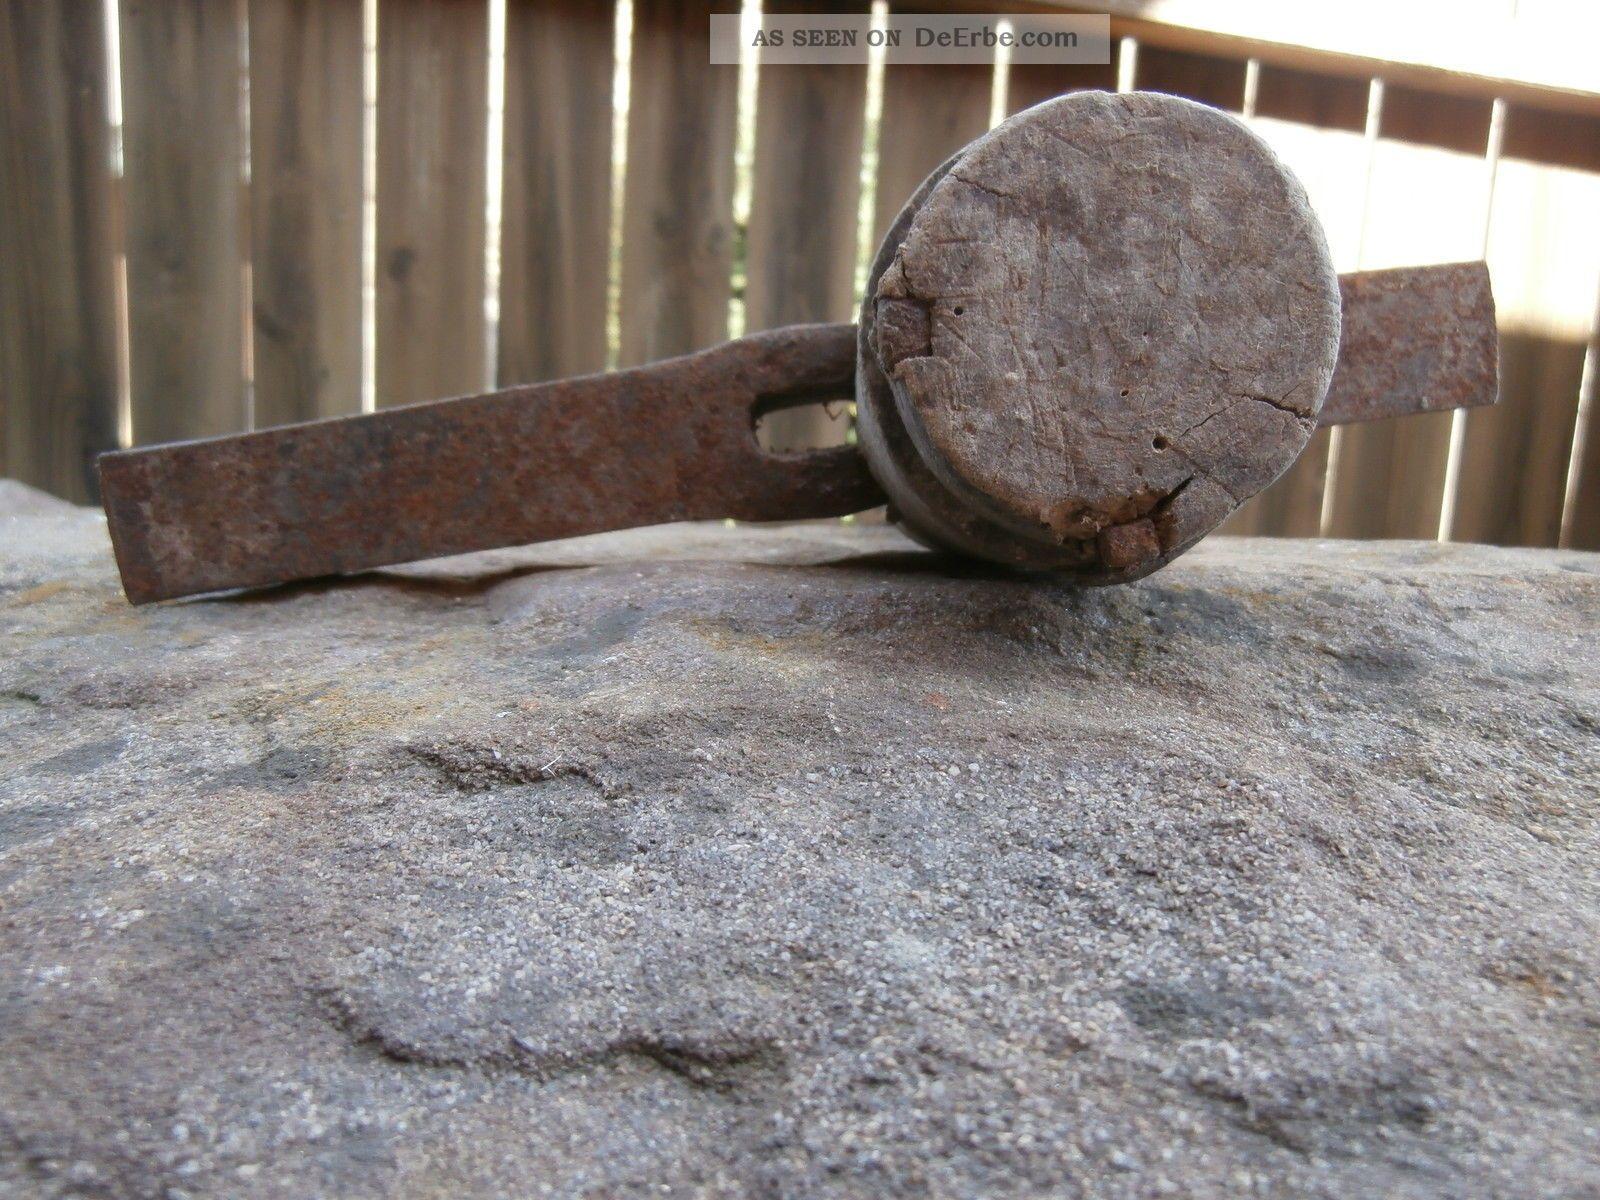 altes werkzeug bergmann steinmetz meisel zum bearbeiten von m hlsteinen. Black Bedroom Furniture Sets. Home Design Ideas